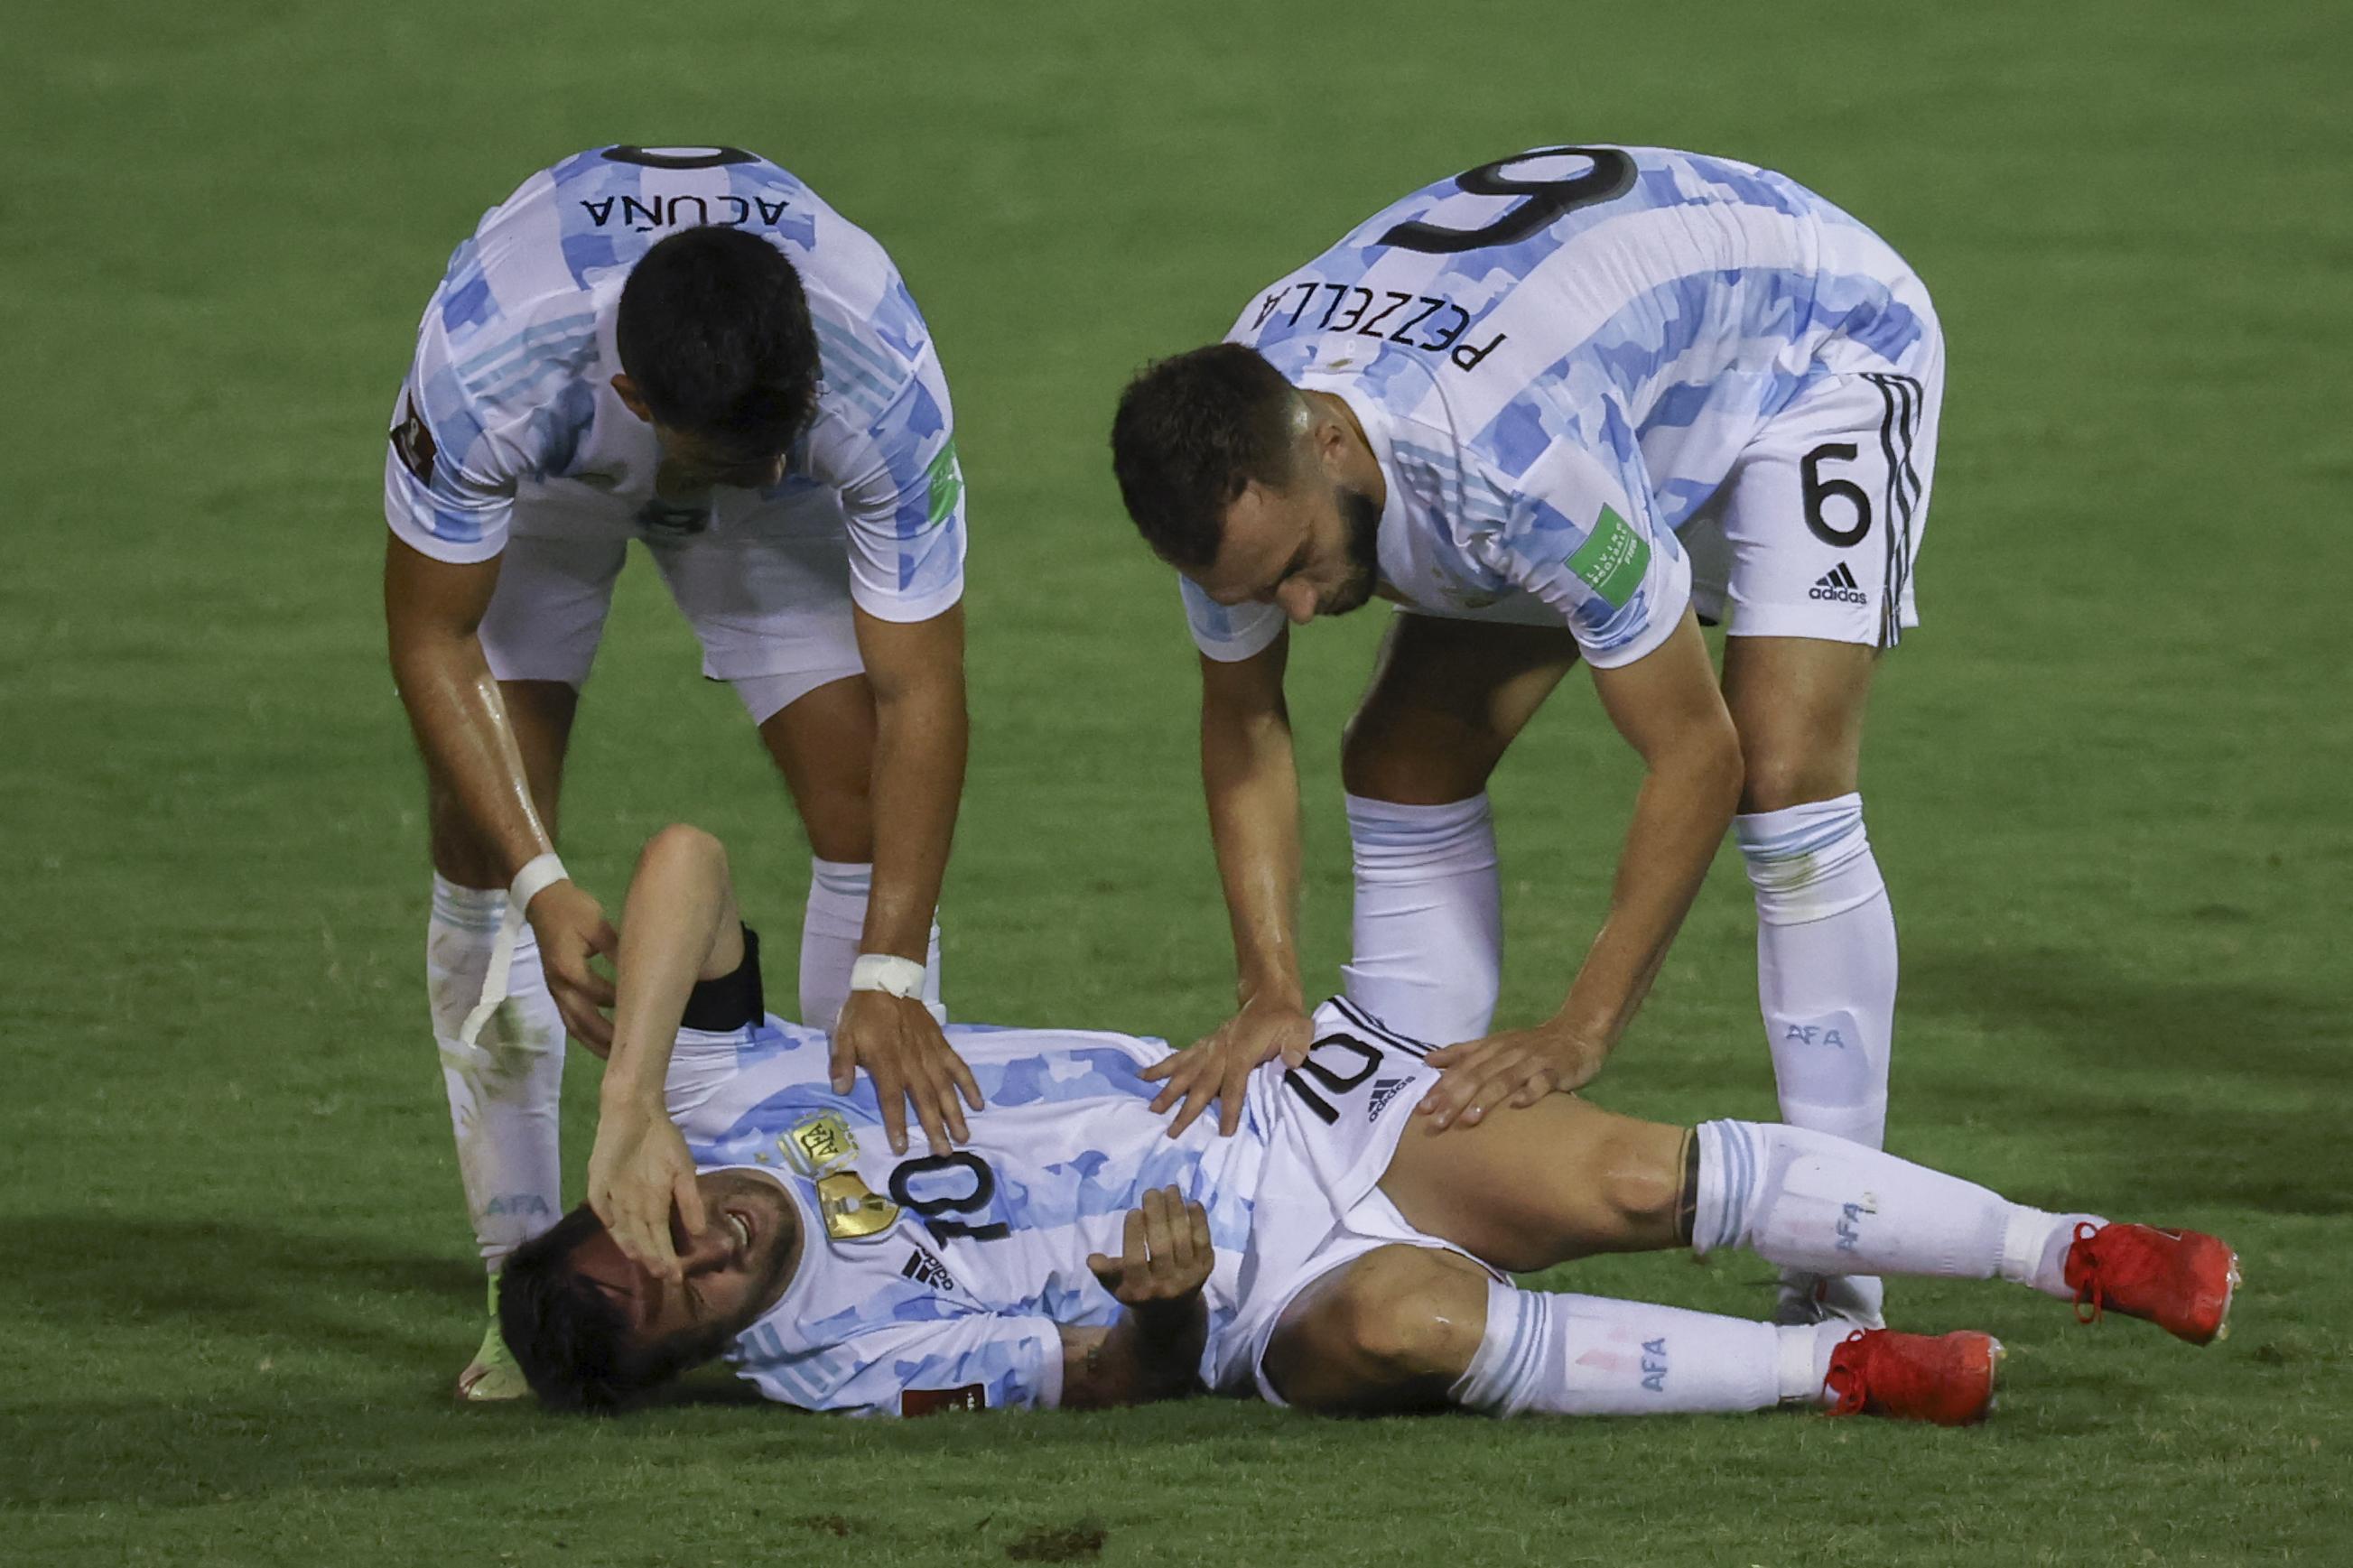 Messi majdnem csúnyán lesérült